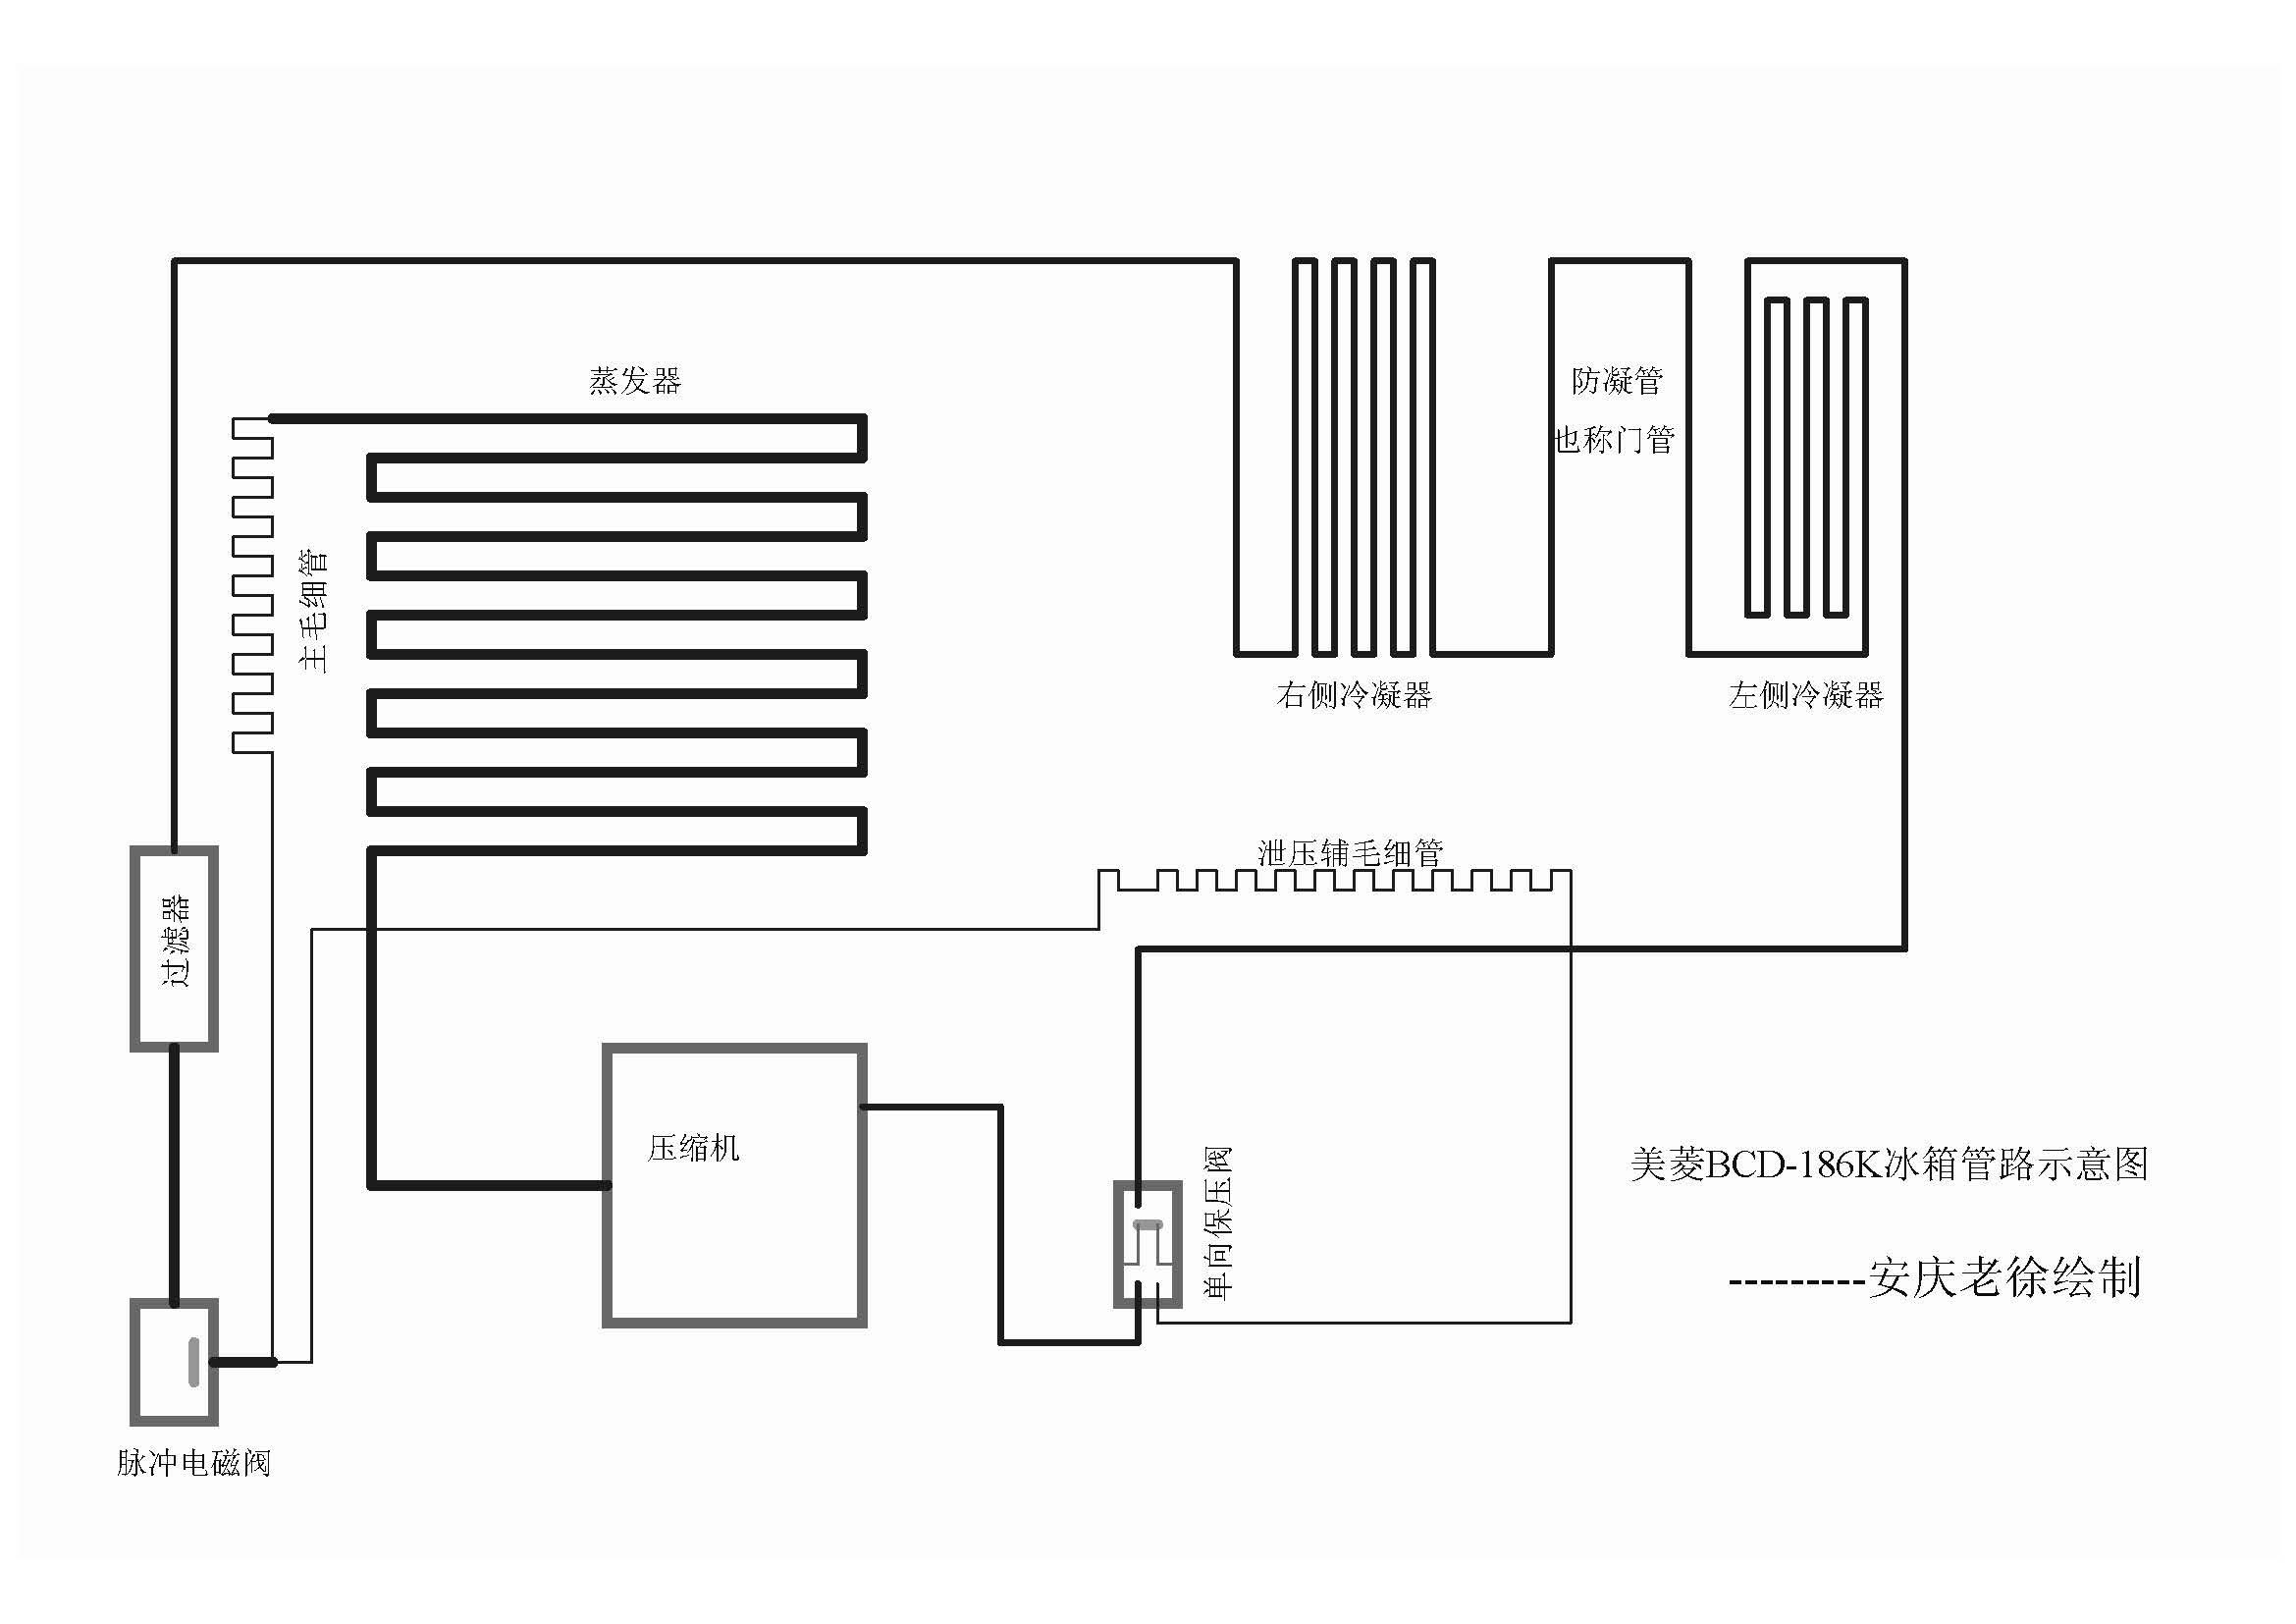 美菱bcd-186k管道原理示意图